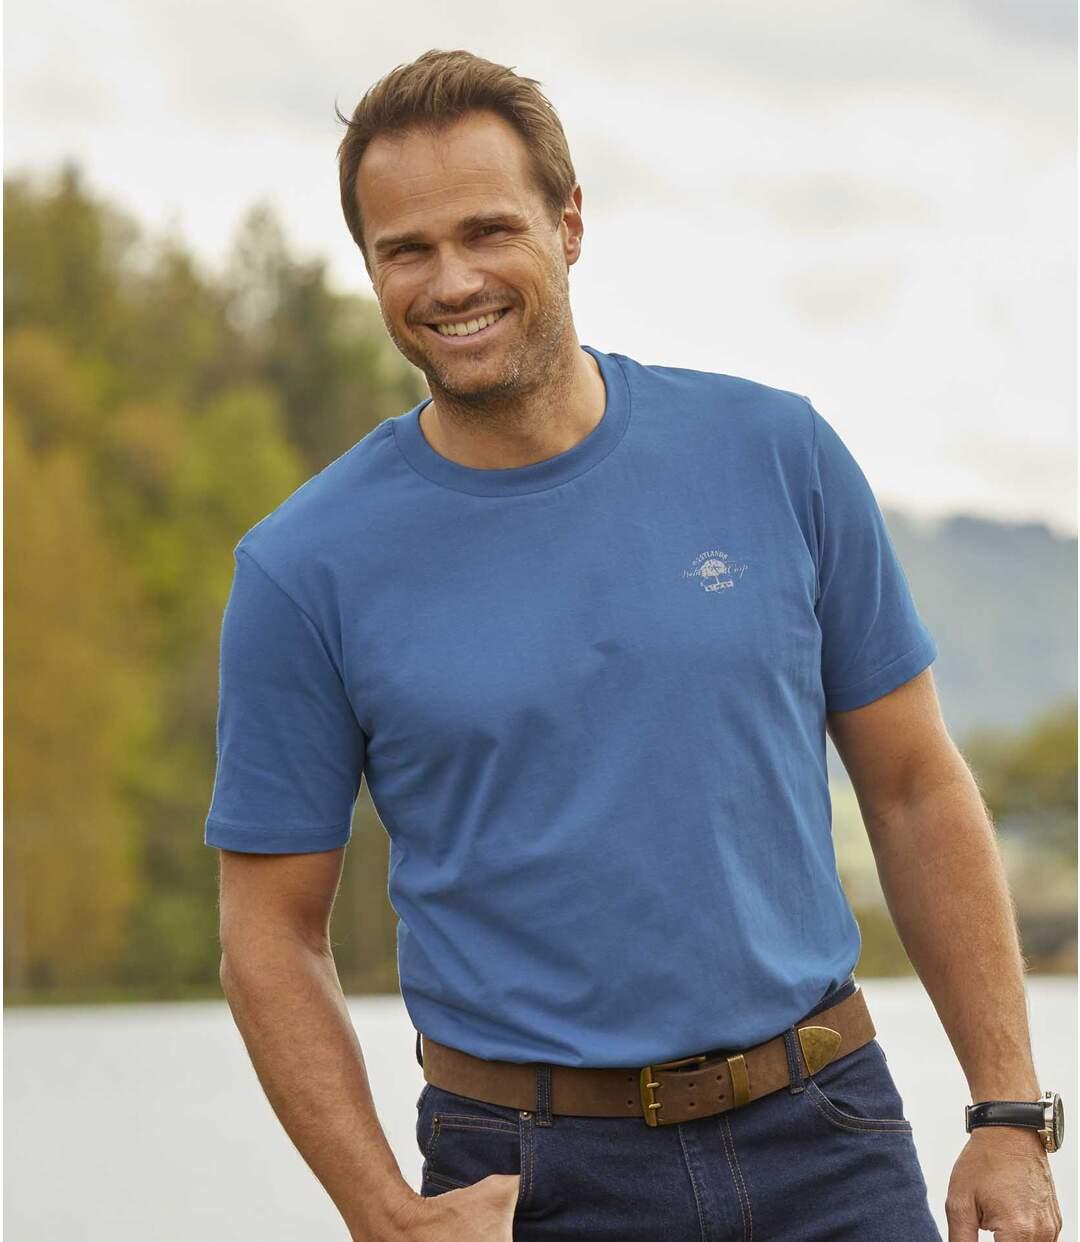 Zestaw 4 t-shirtów Mountain Passion